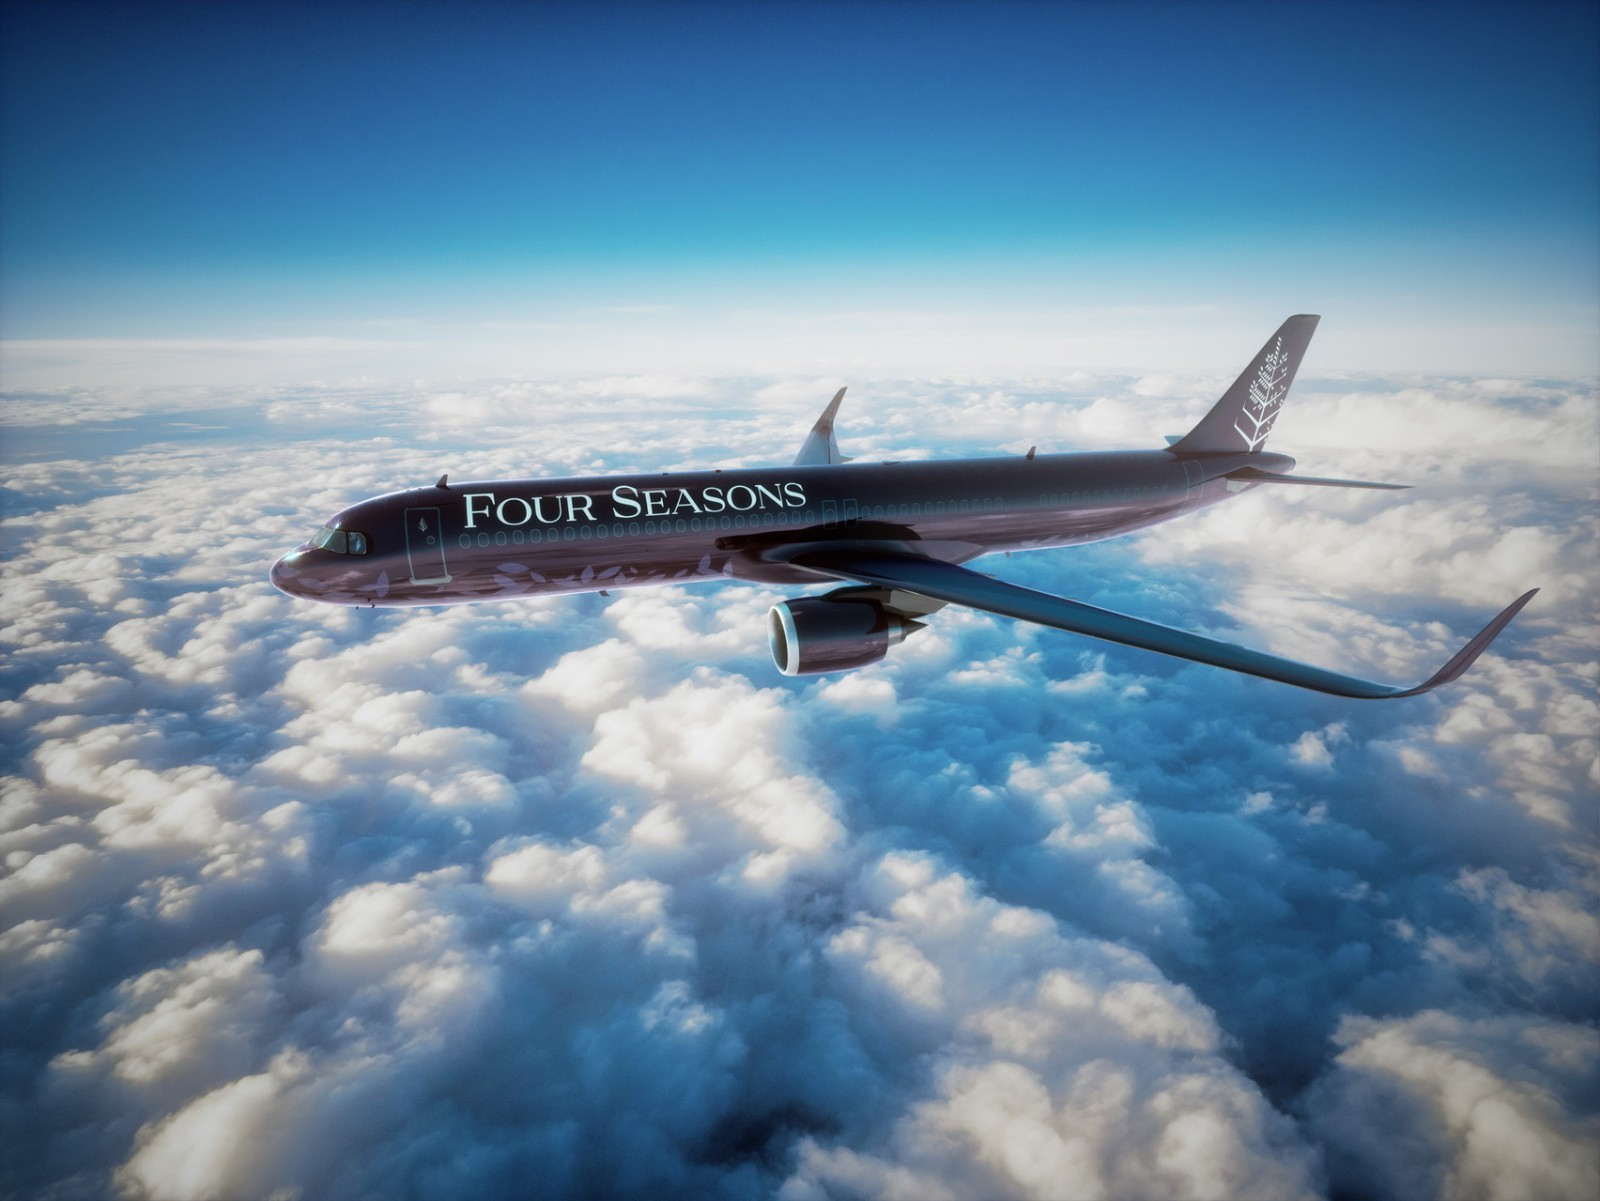 旅行仍在继续:四季酒店2022年全新私人飞机行程发布